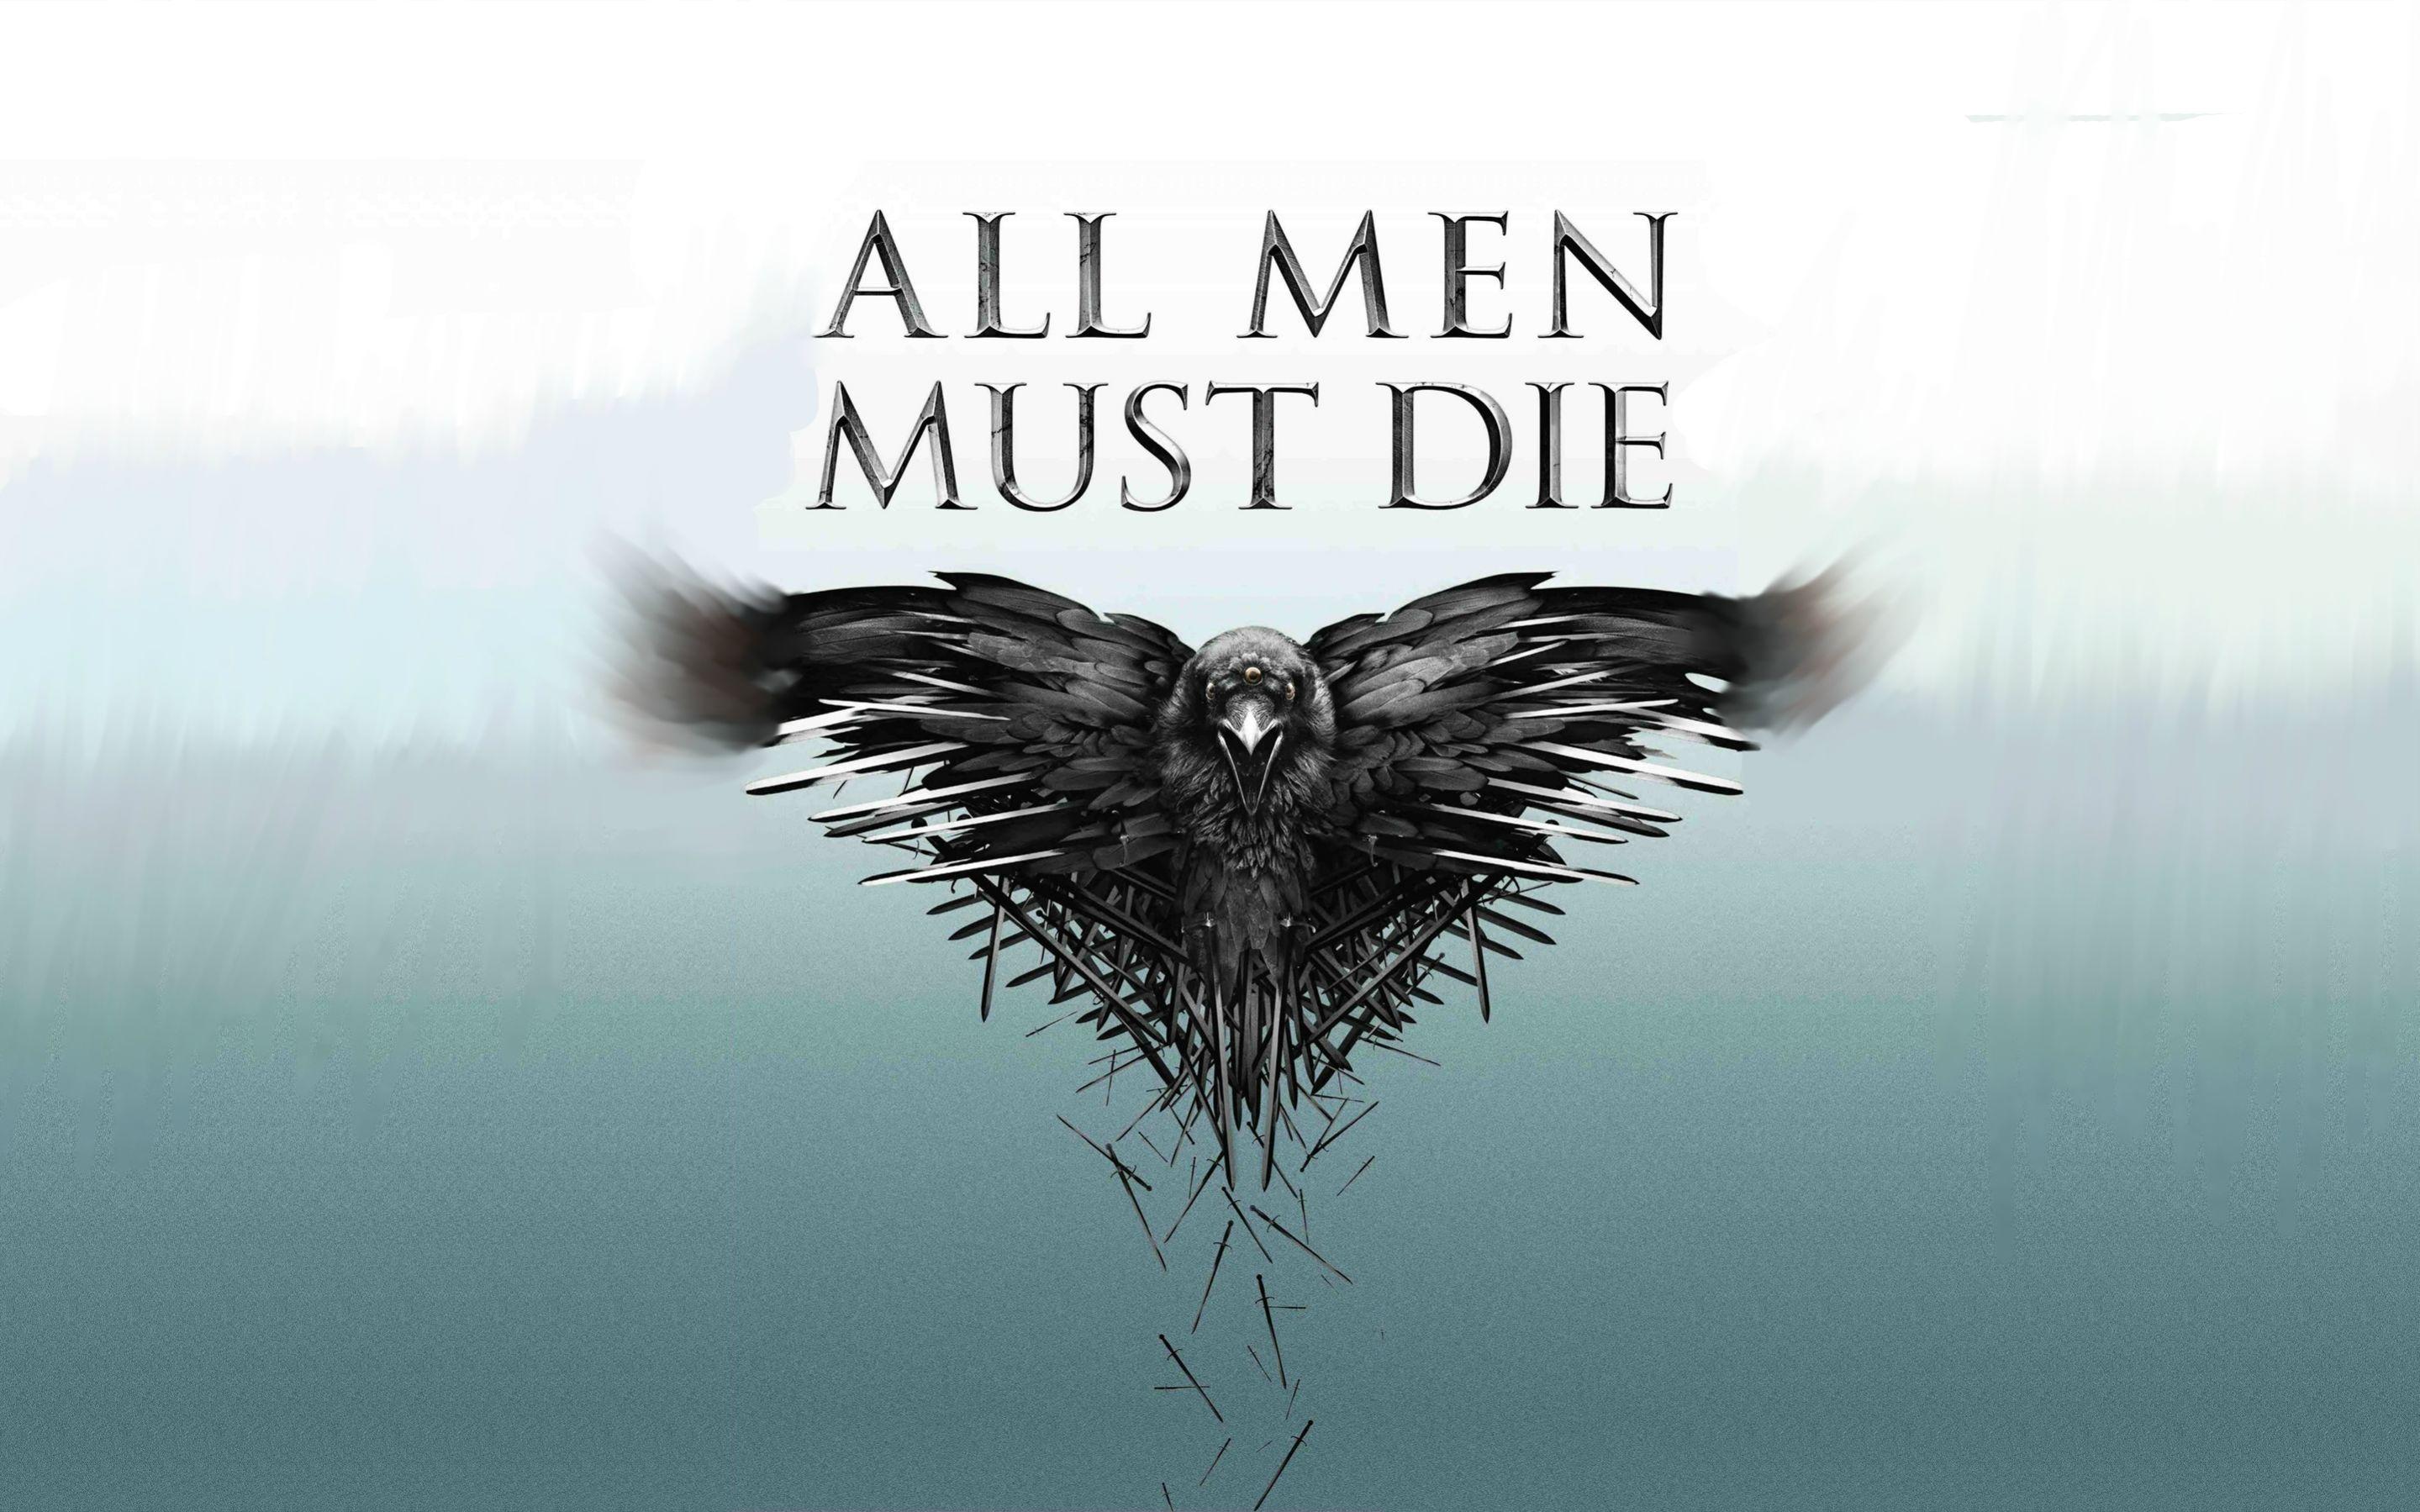 Game Of Thrones Season 7 All Men Must Die Wallpaper 05279 2879x1799